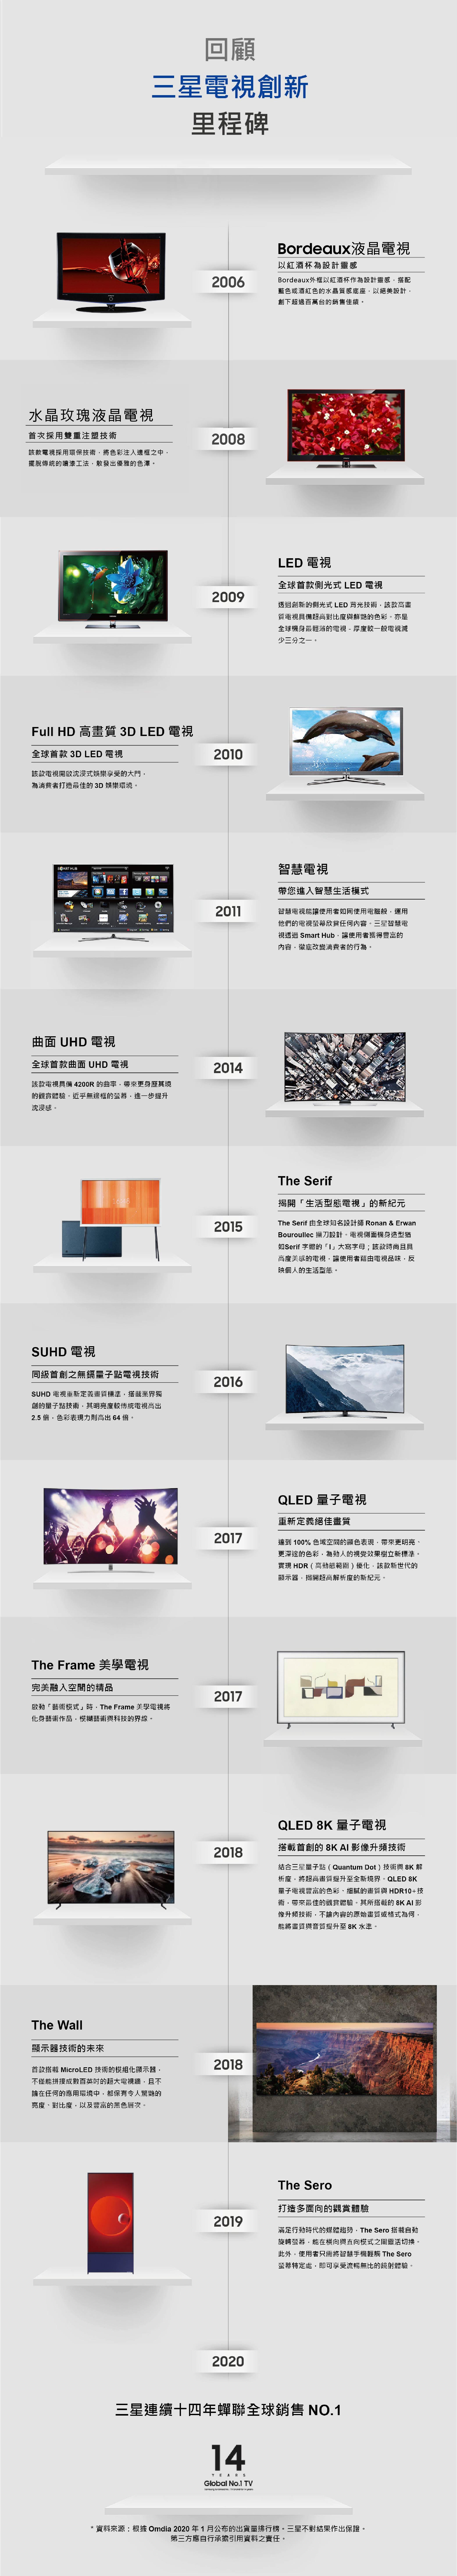 TV-History-info-EN-01-4